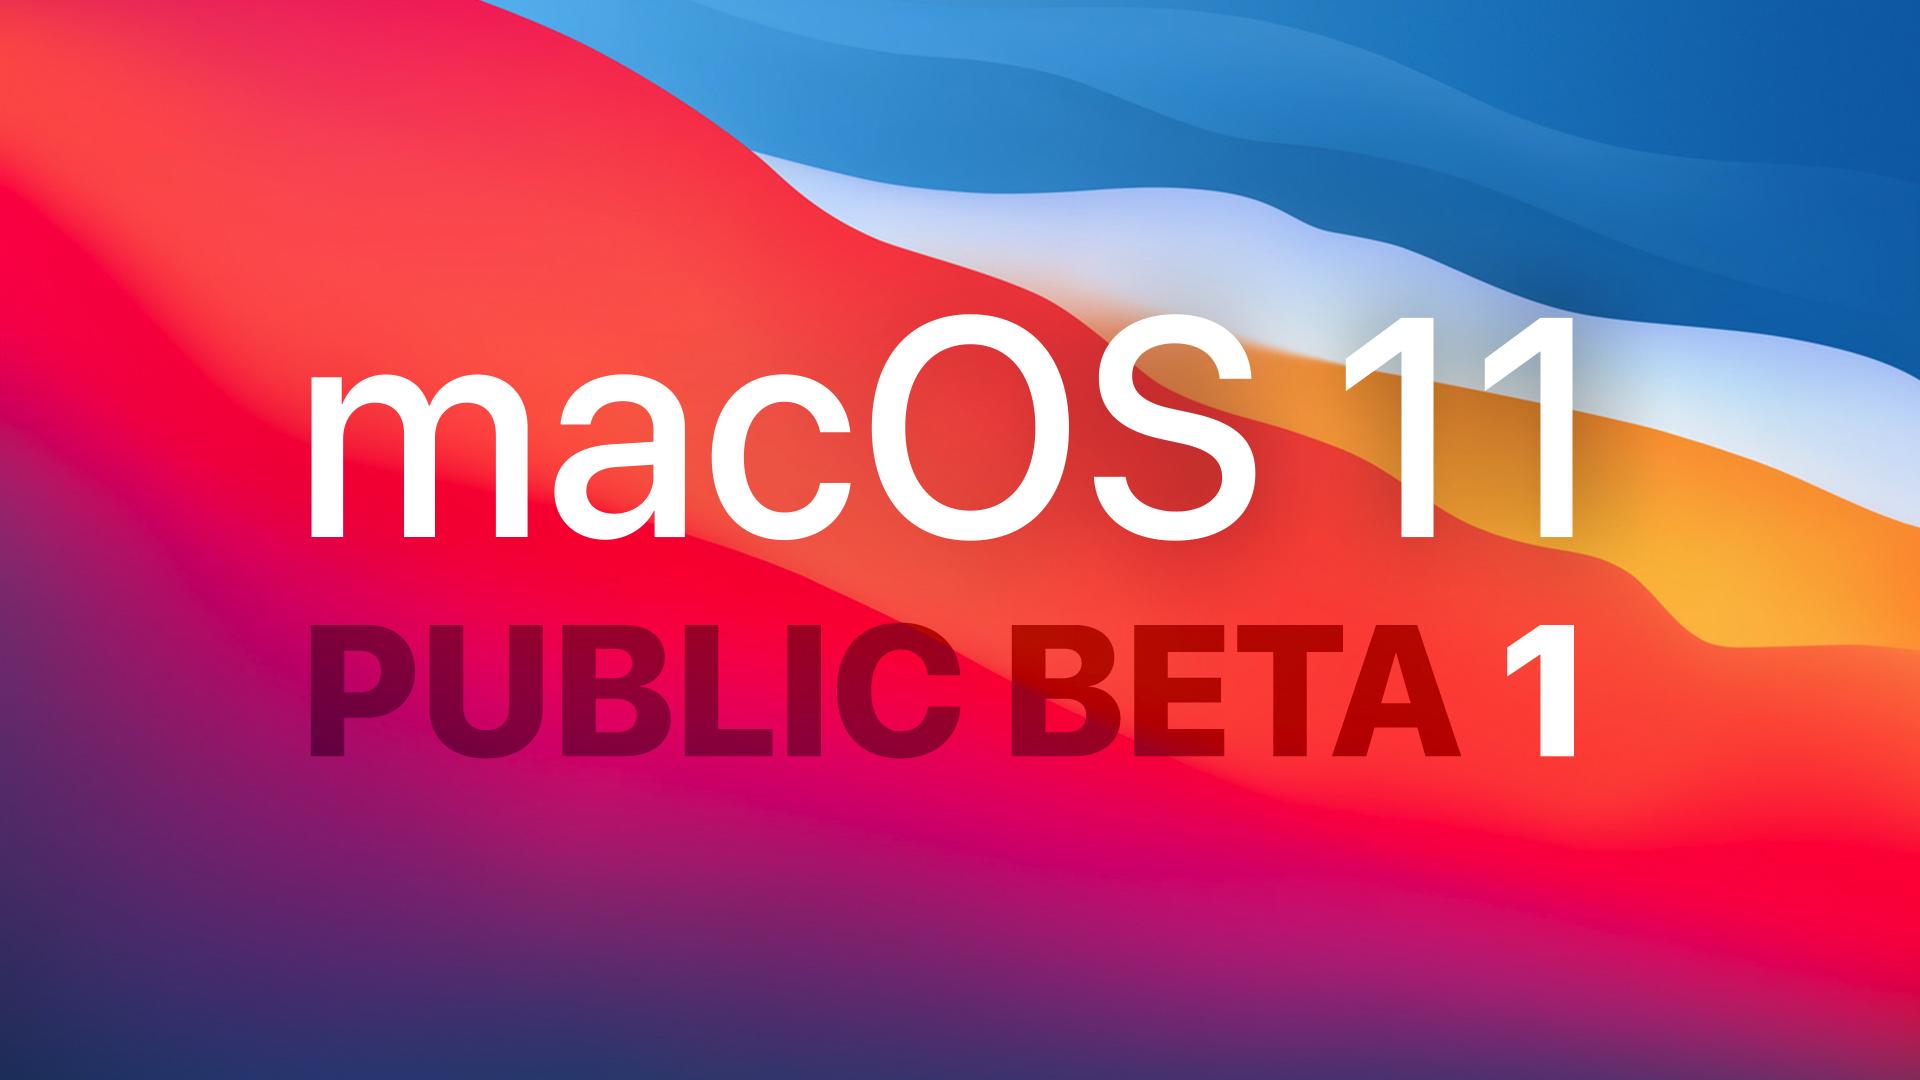 macOS Big Sur Beta 1